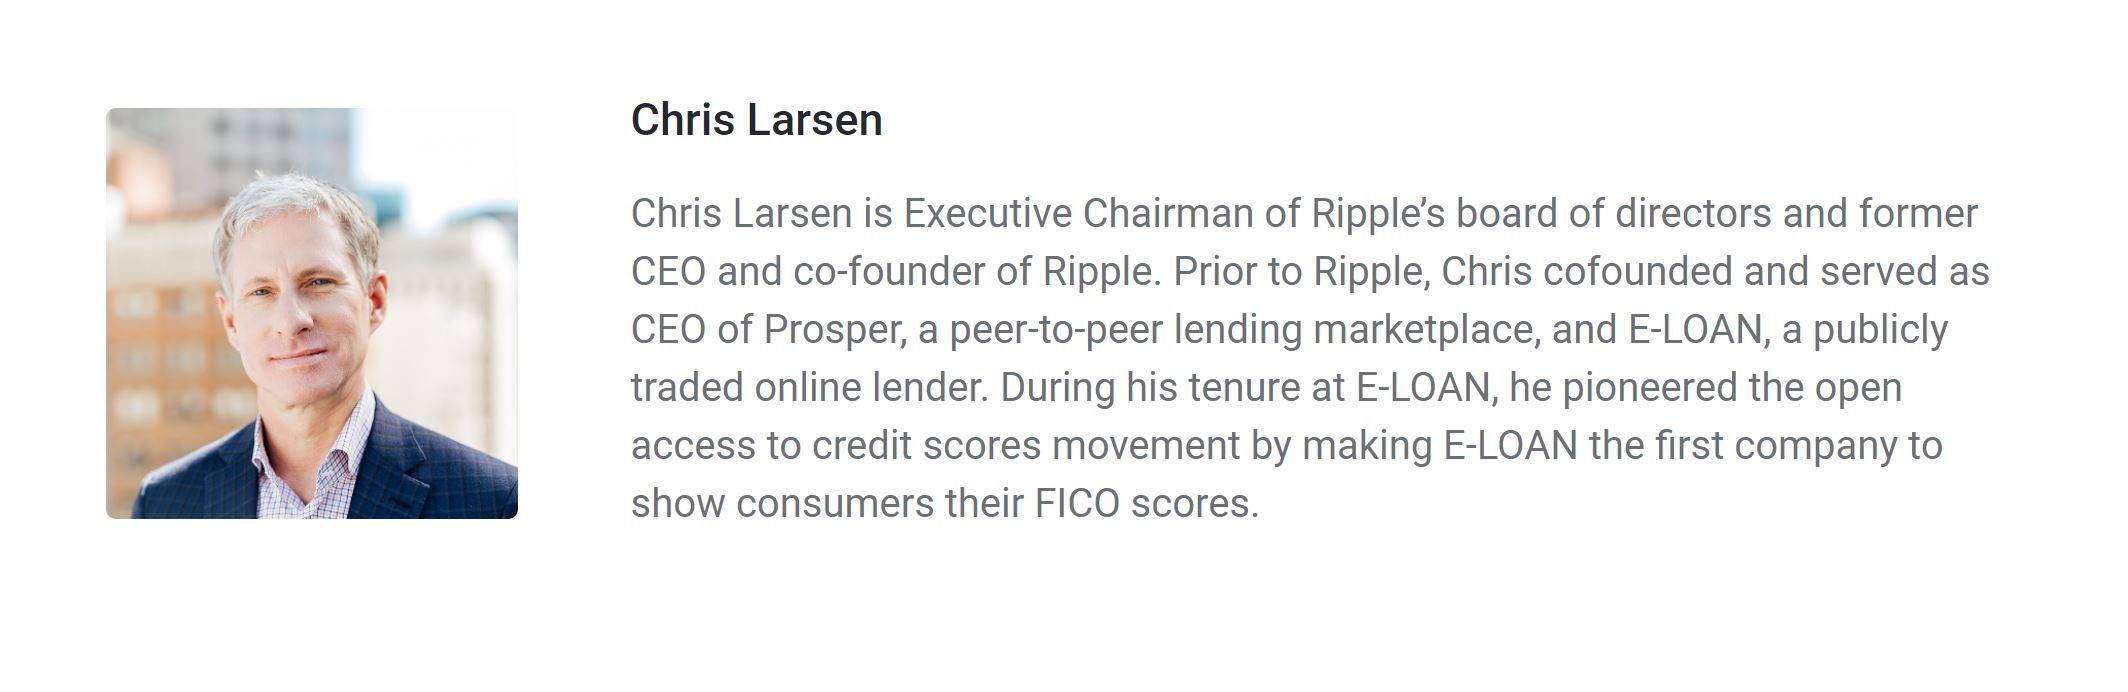 Ripple Chris Larsen Chairman